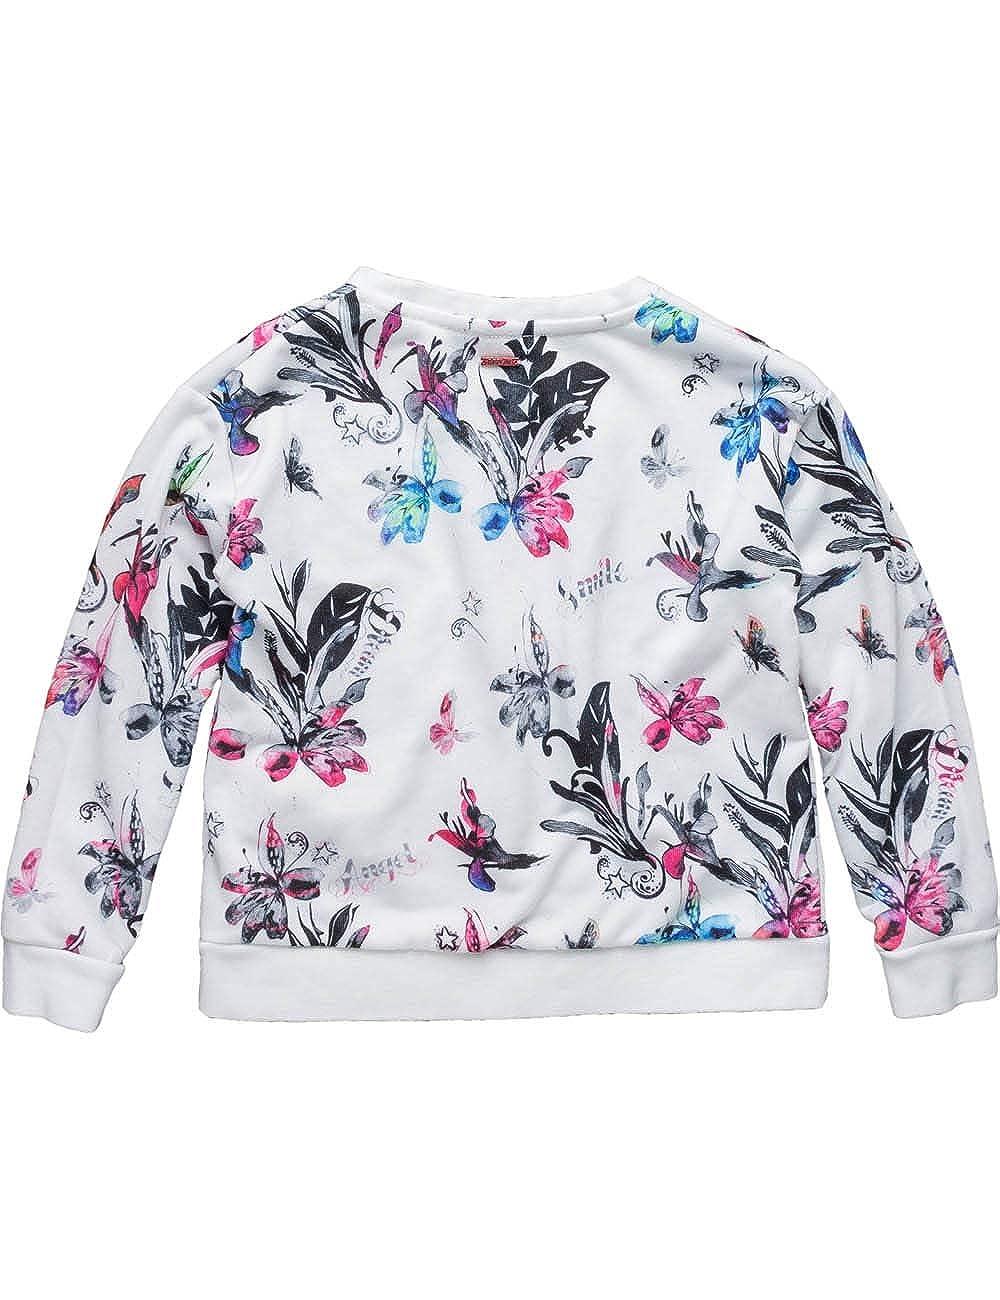 Replay Kids Floral Fleece Sweatshirt